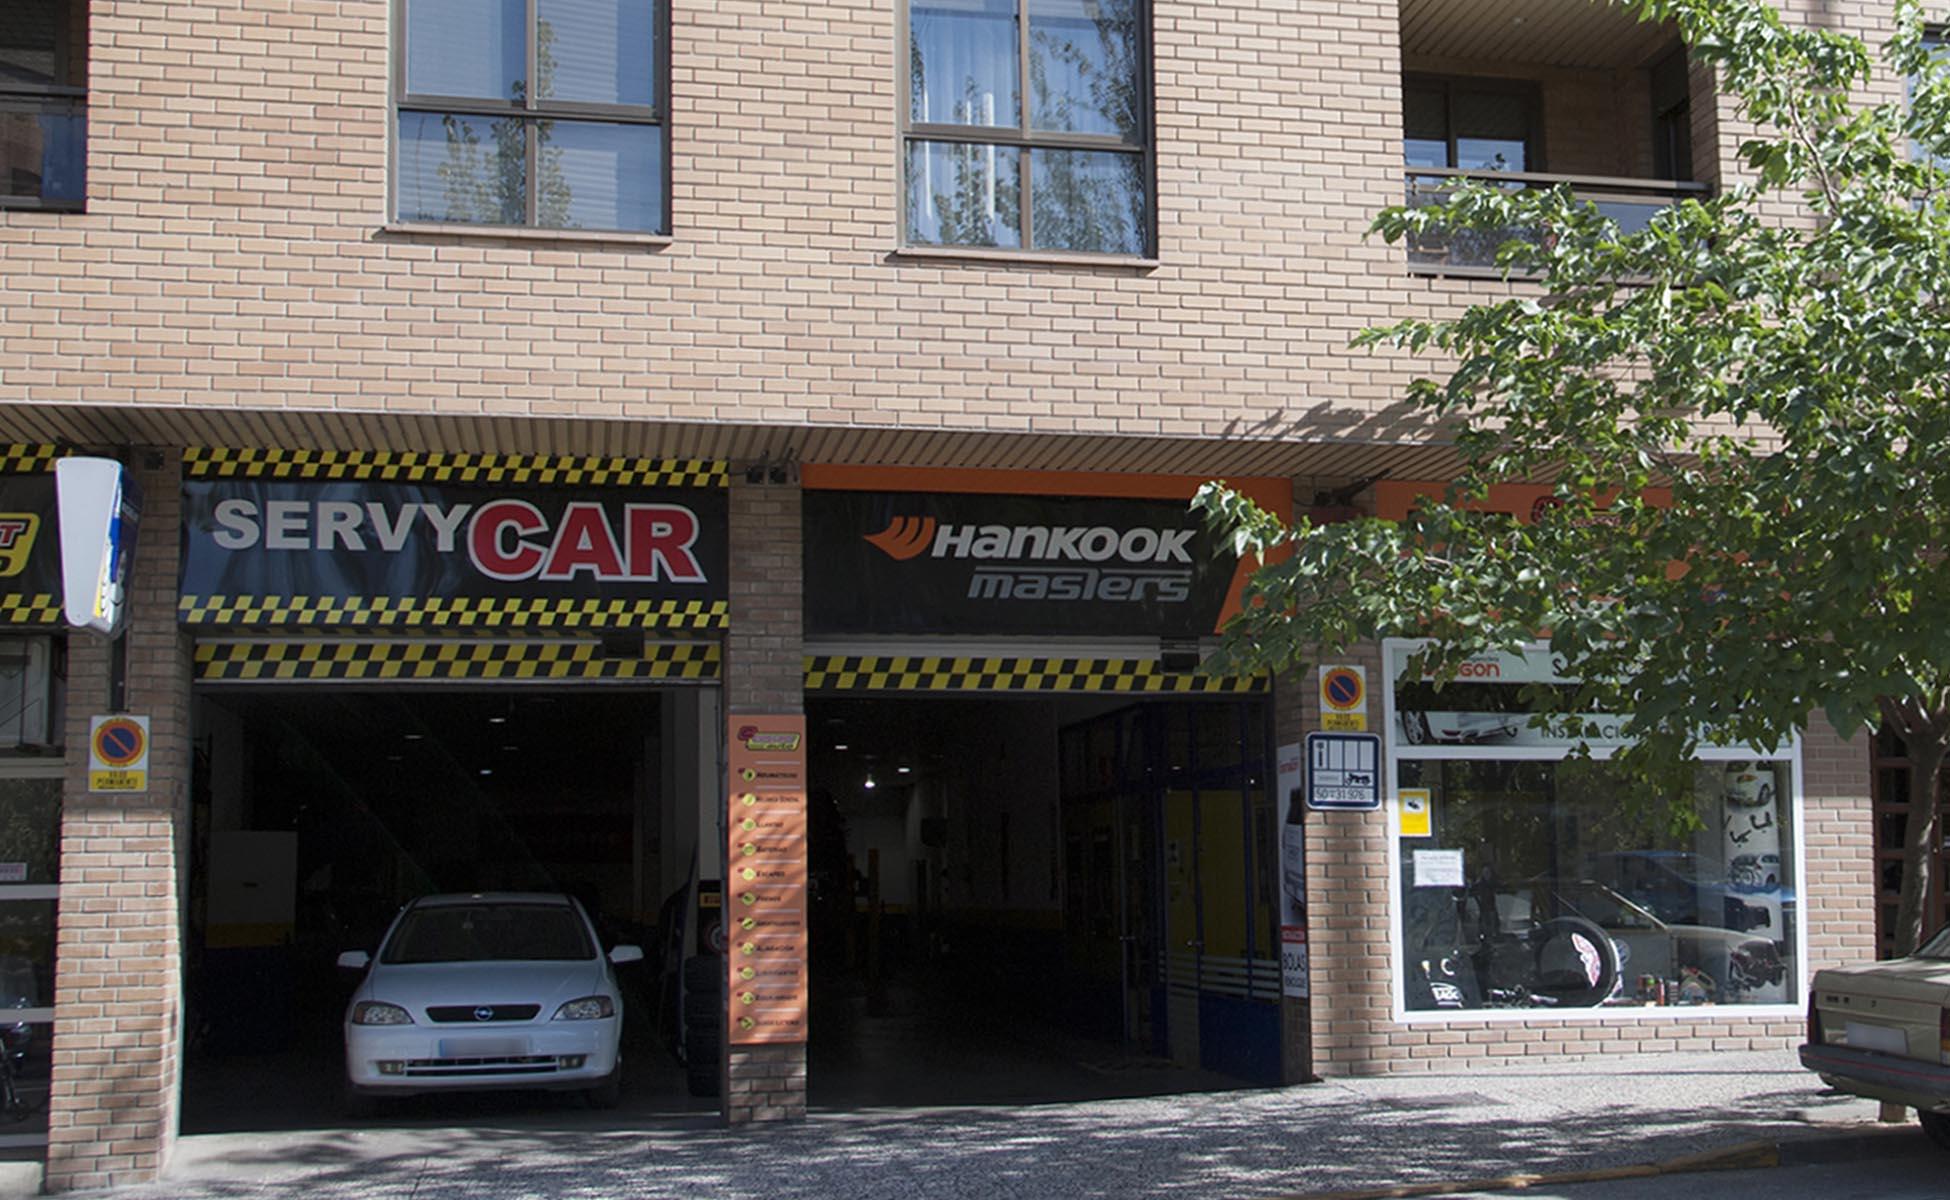 ServyCar Tu Taller mecanico automovil multimarca zaragoza centro Sl01 In01 Estamos En El Centro De Zaragoza calle diputados 3 5 - Muy cerca de ti